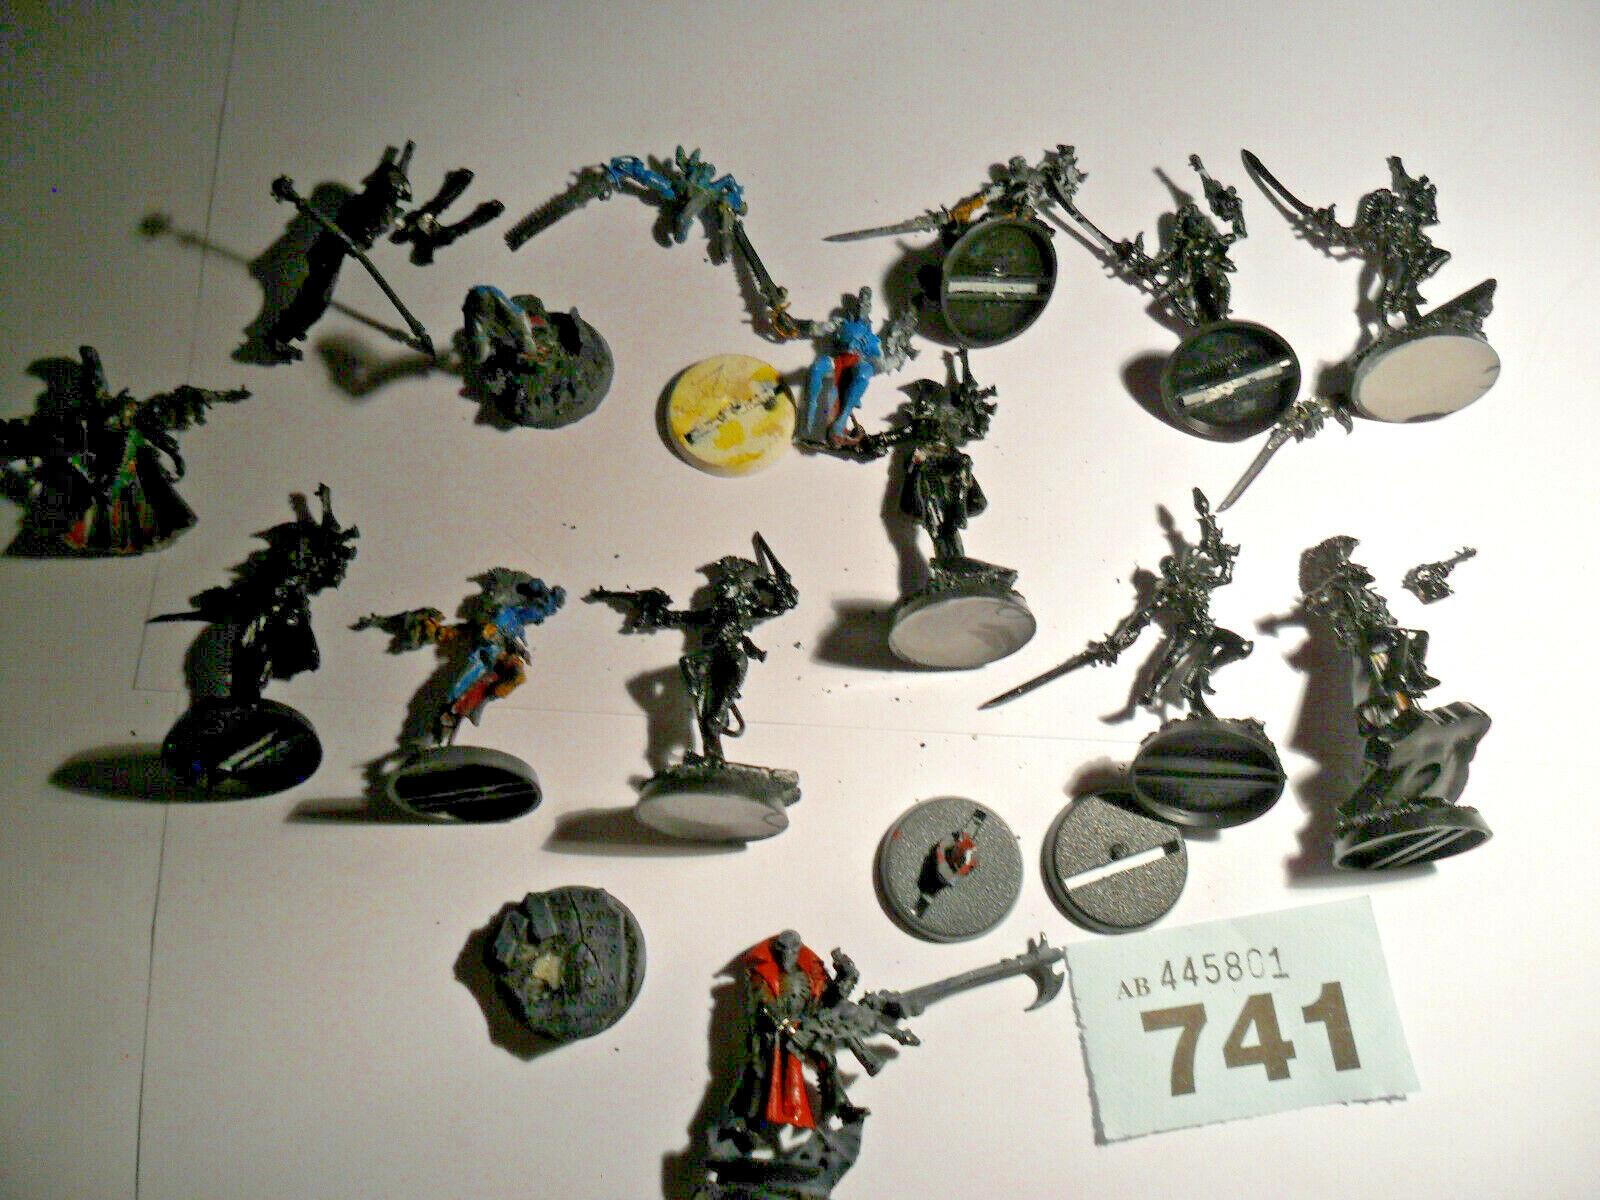 Warhammer 40k Eldar Aeldari Drukhari Harlequin troupe character resin metal B741